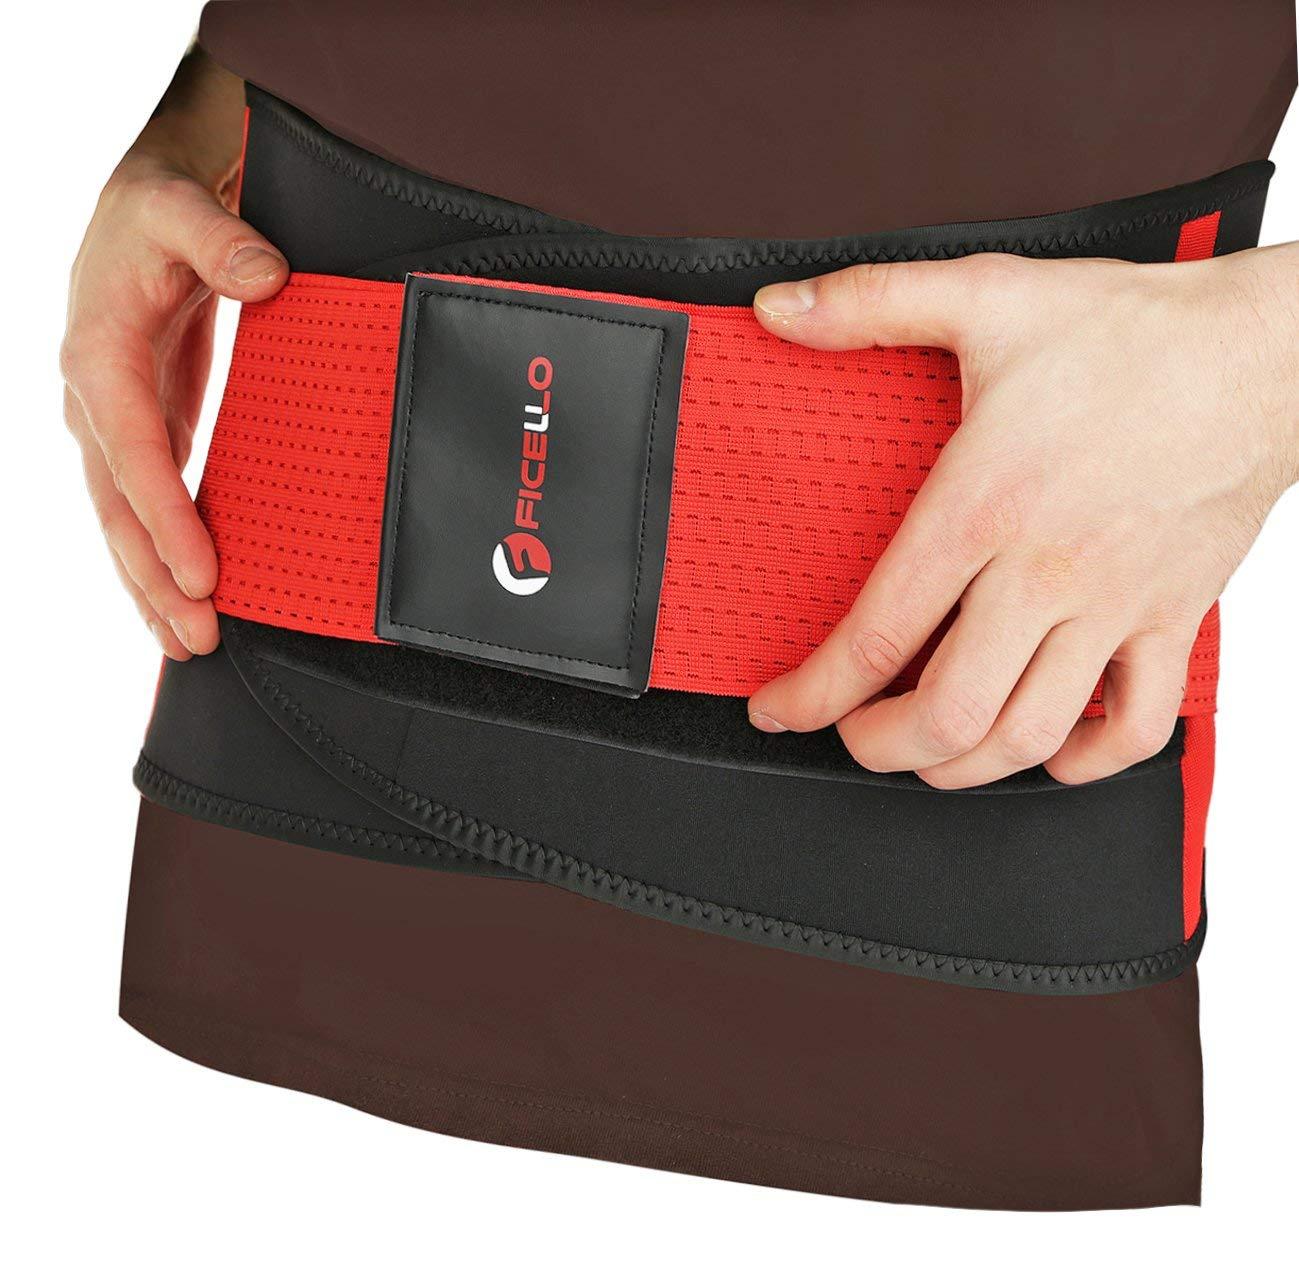 464c5f78790 Get Quotations · FICELLO Waist Wrap – Weight Loss Trimmer Belt for Men and  Women – Lightweight Neoprene Fabric